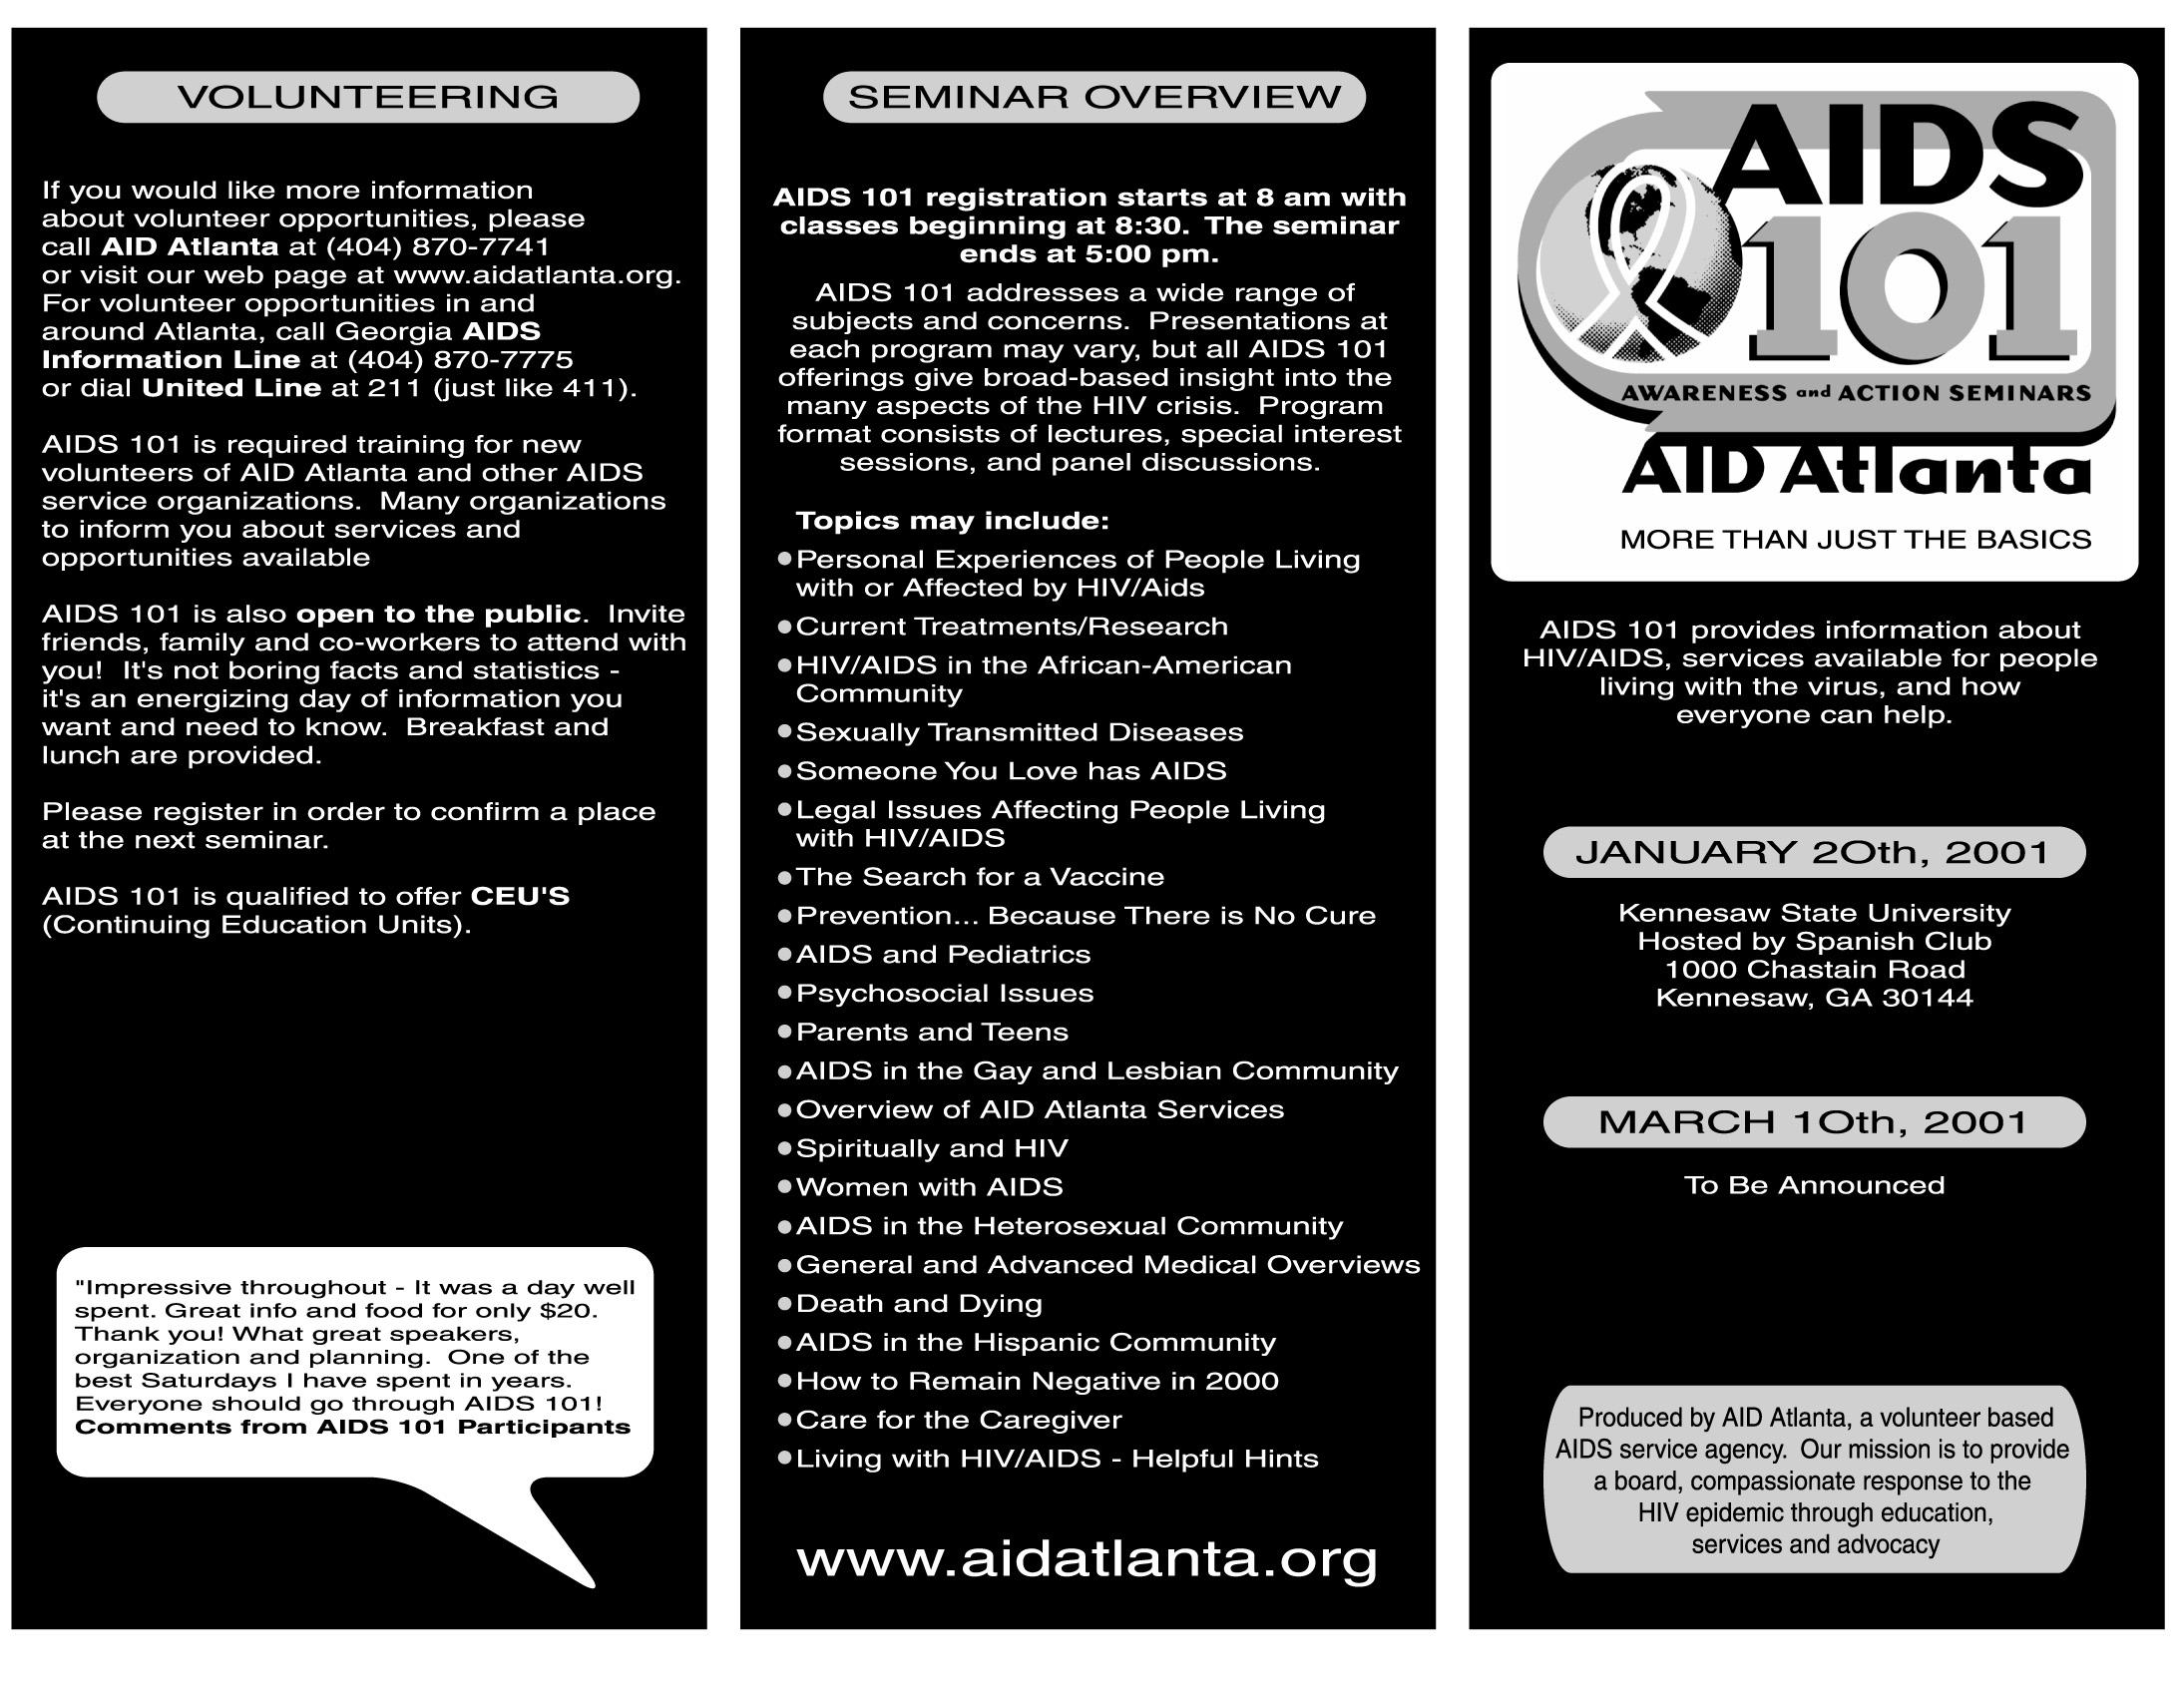 PUBLICATION: Aid Atlanta